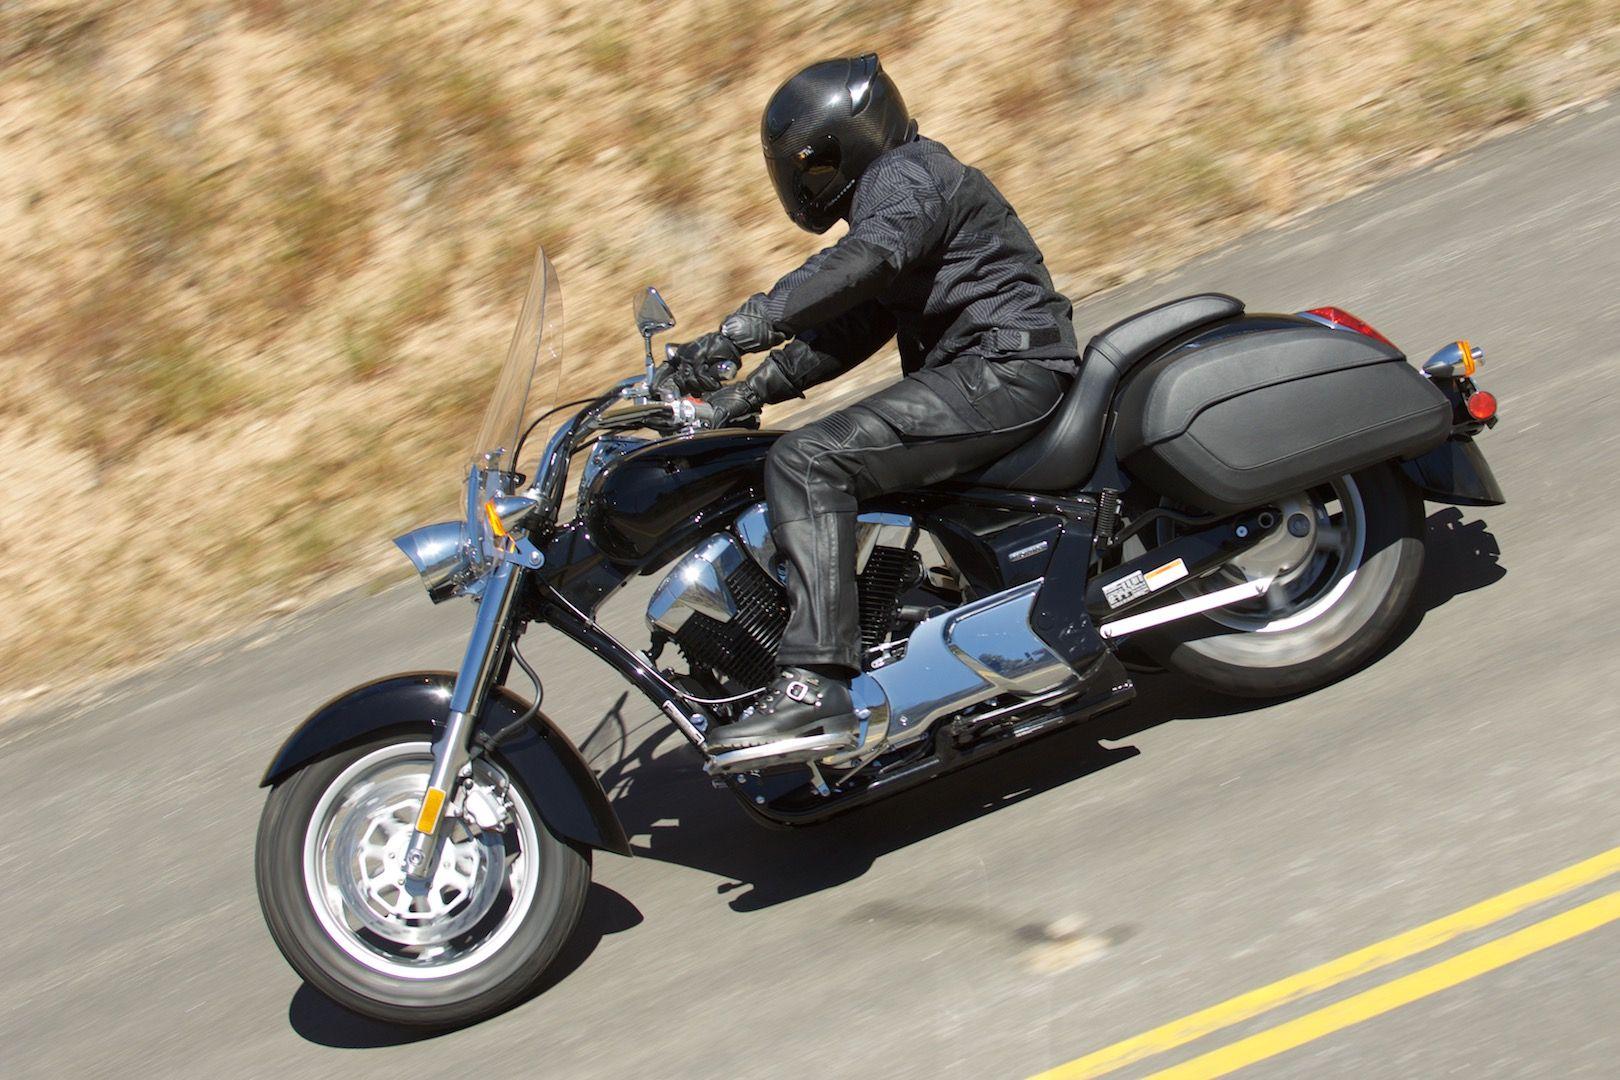 2010 Honda Stateline & Interstate First Ride